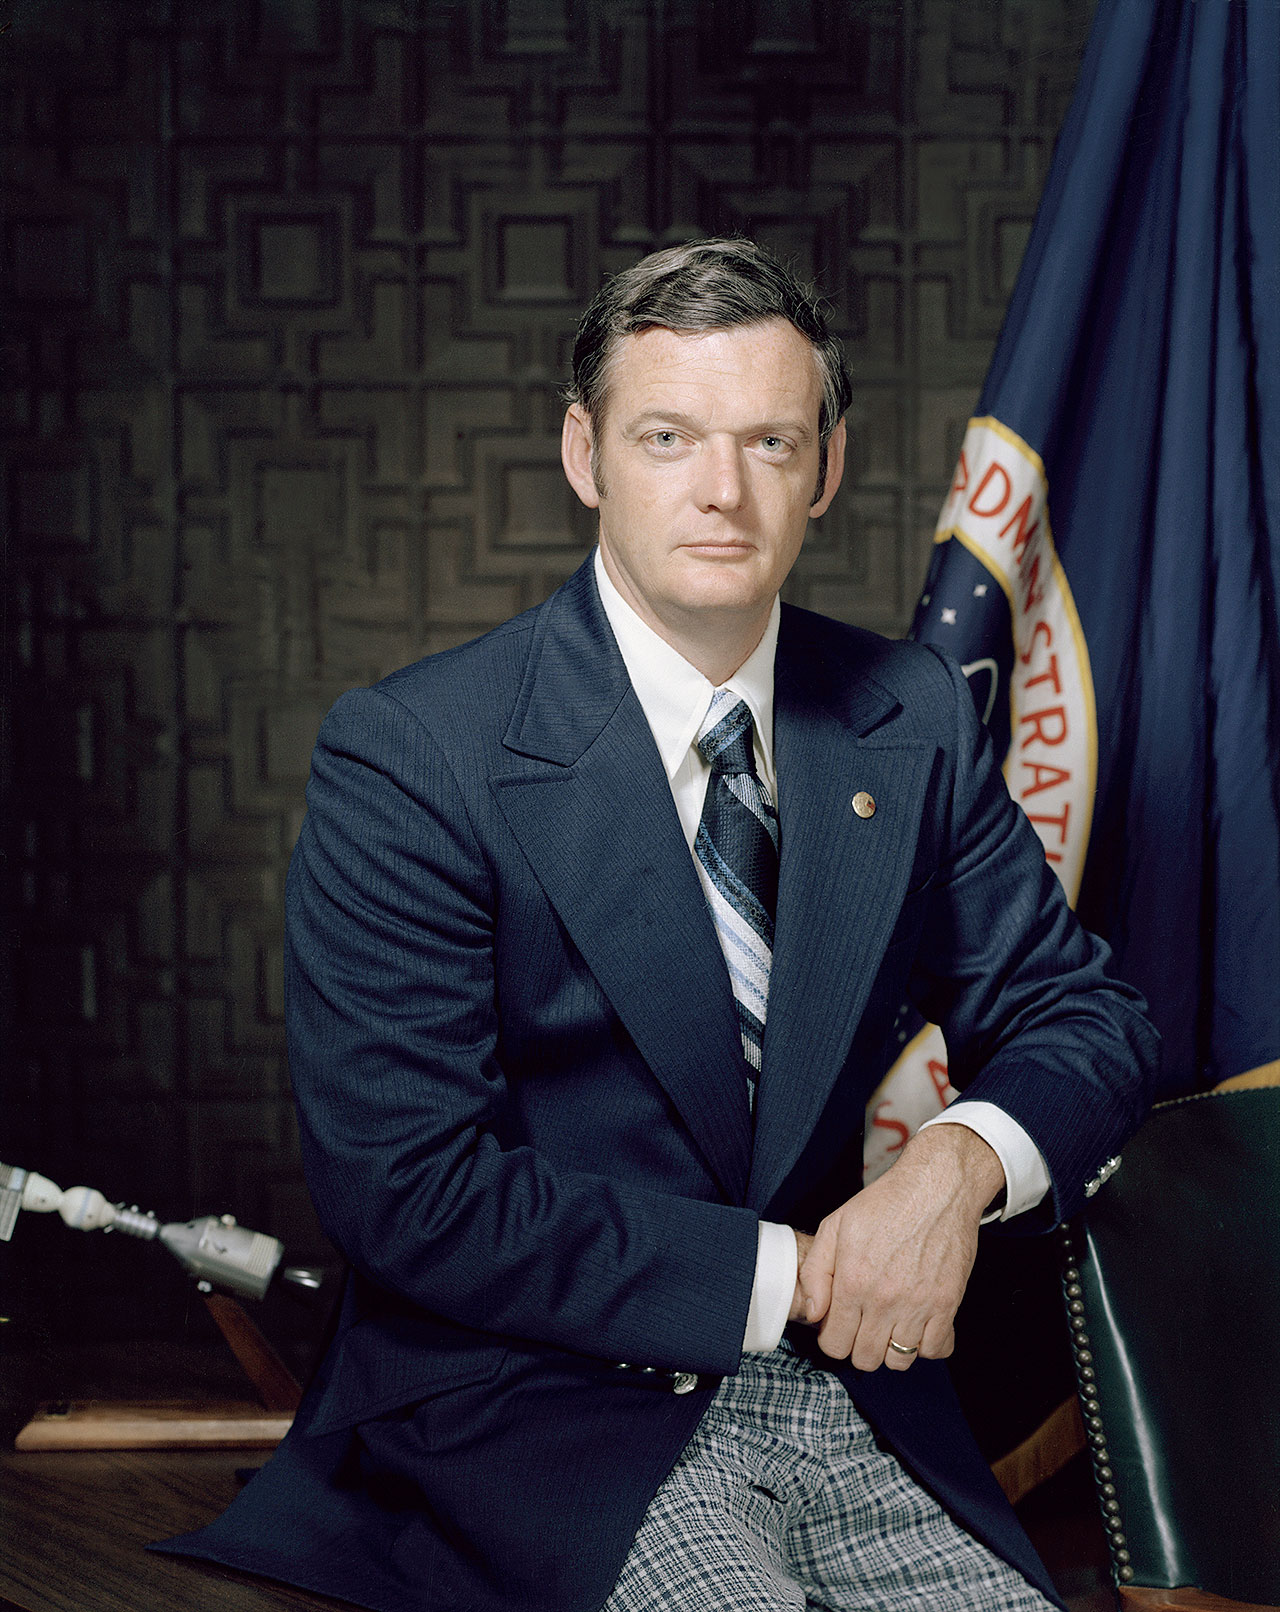 Portrait officiel de la NASA de Glynn Lunney lorsqu'il était directeur technique américain du projet Apollo-Soyuz.